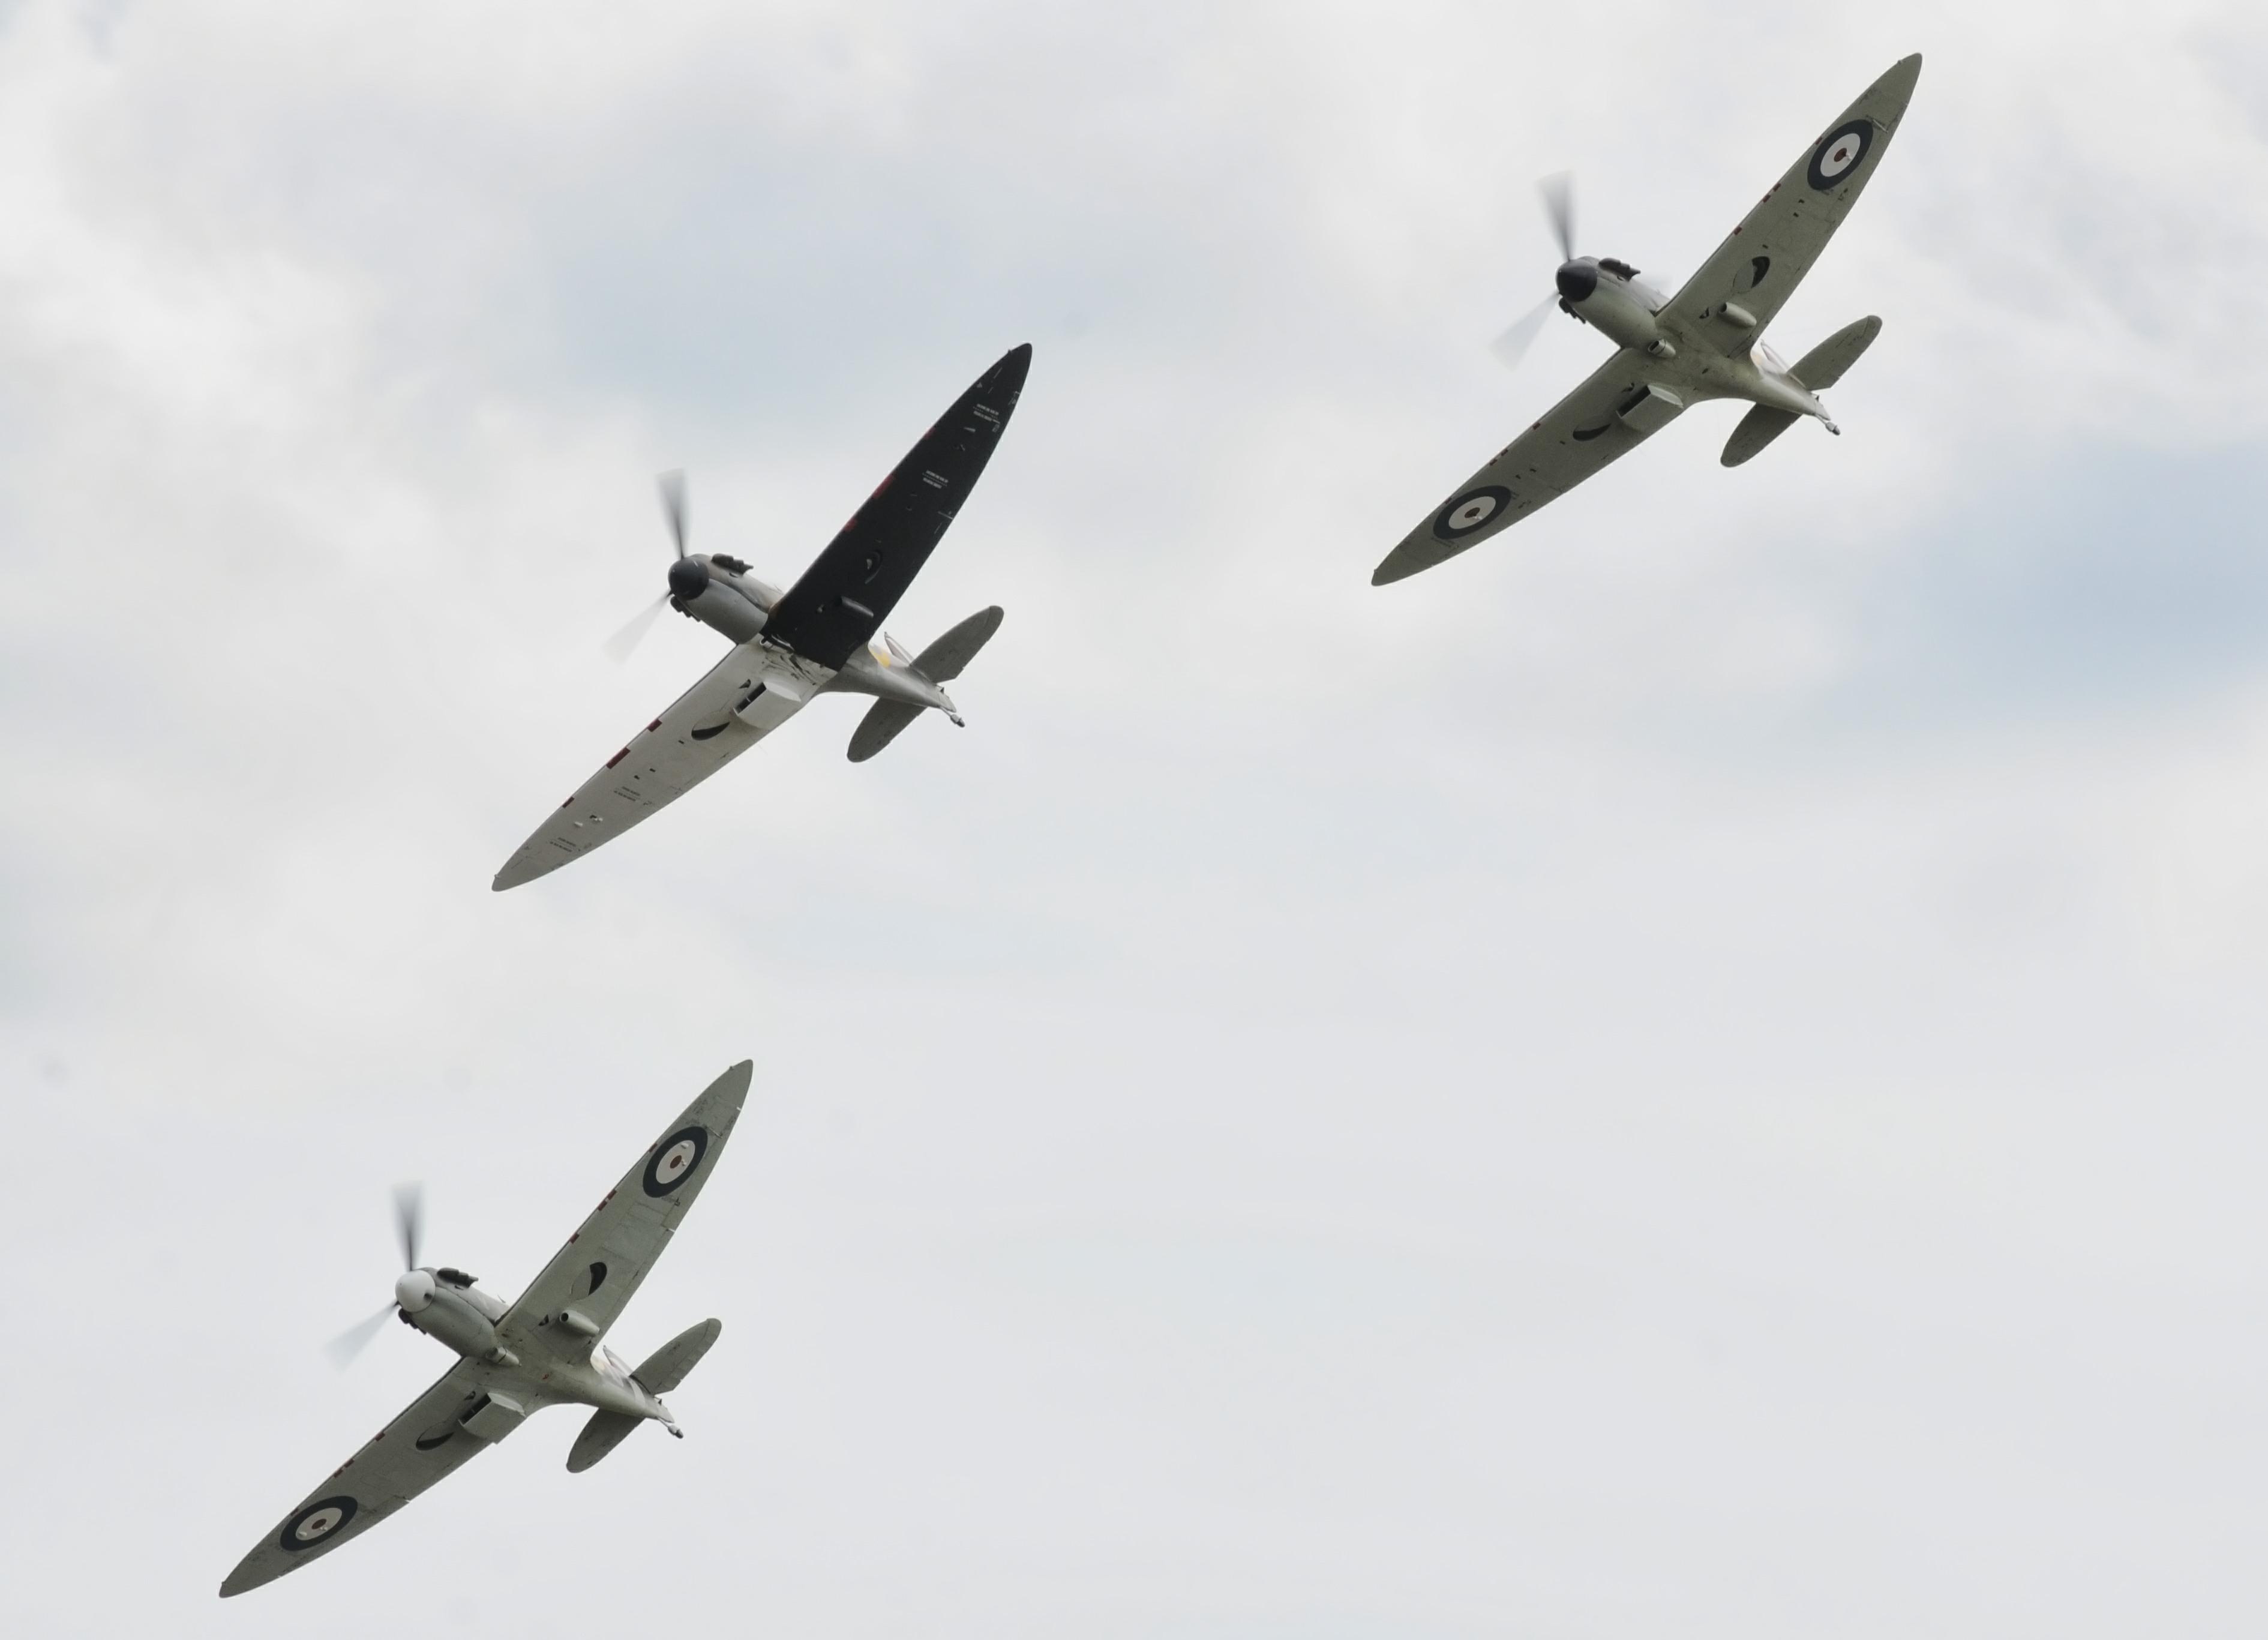 Mk1 Spitfires